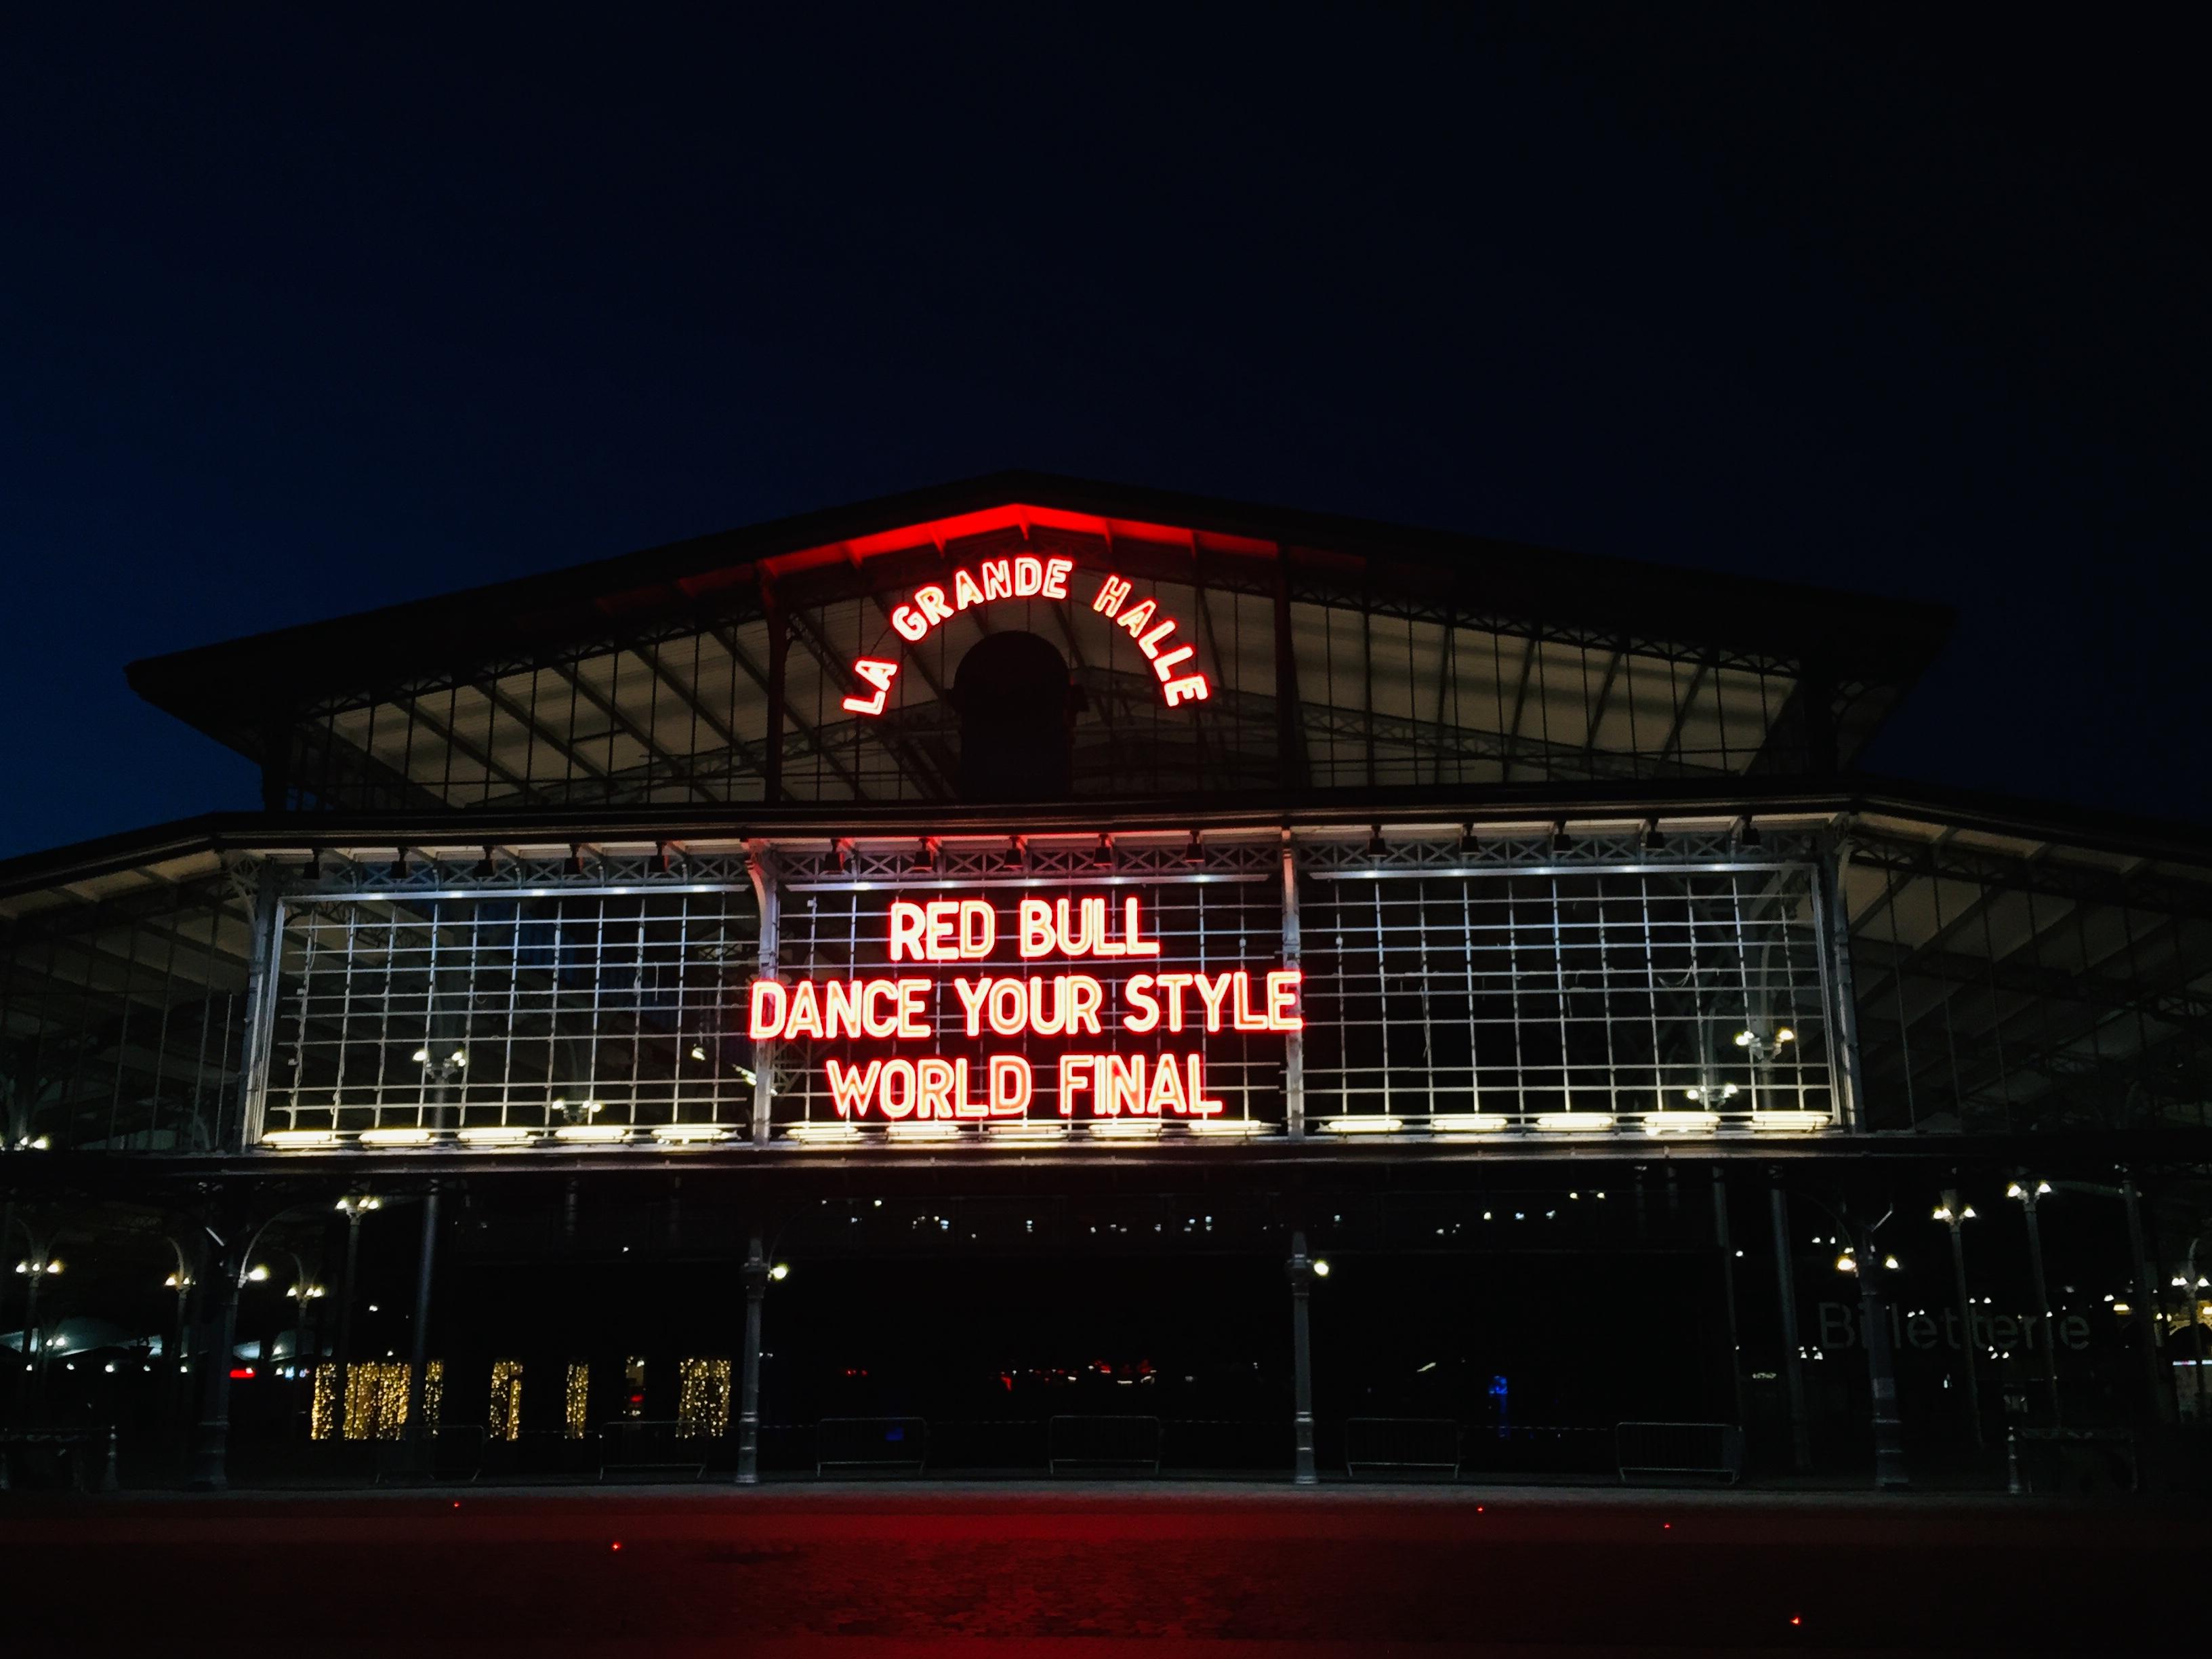 Finale internationale du Red Bull Dance Your Style, à la Grande Halle de la Villette, samedi 12 Octobre 2019.